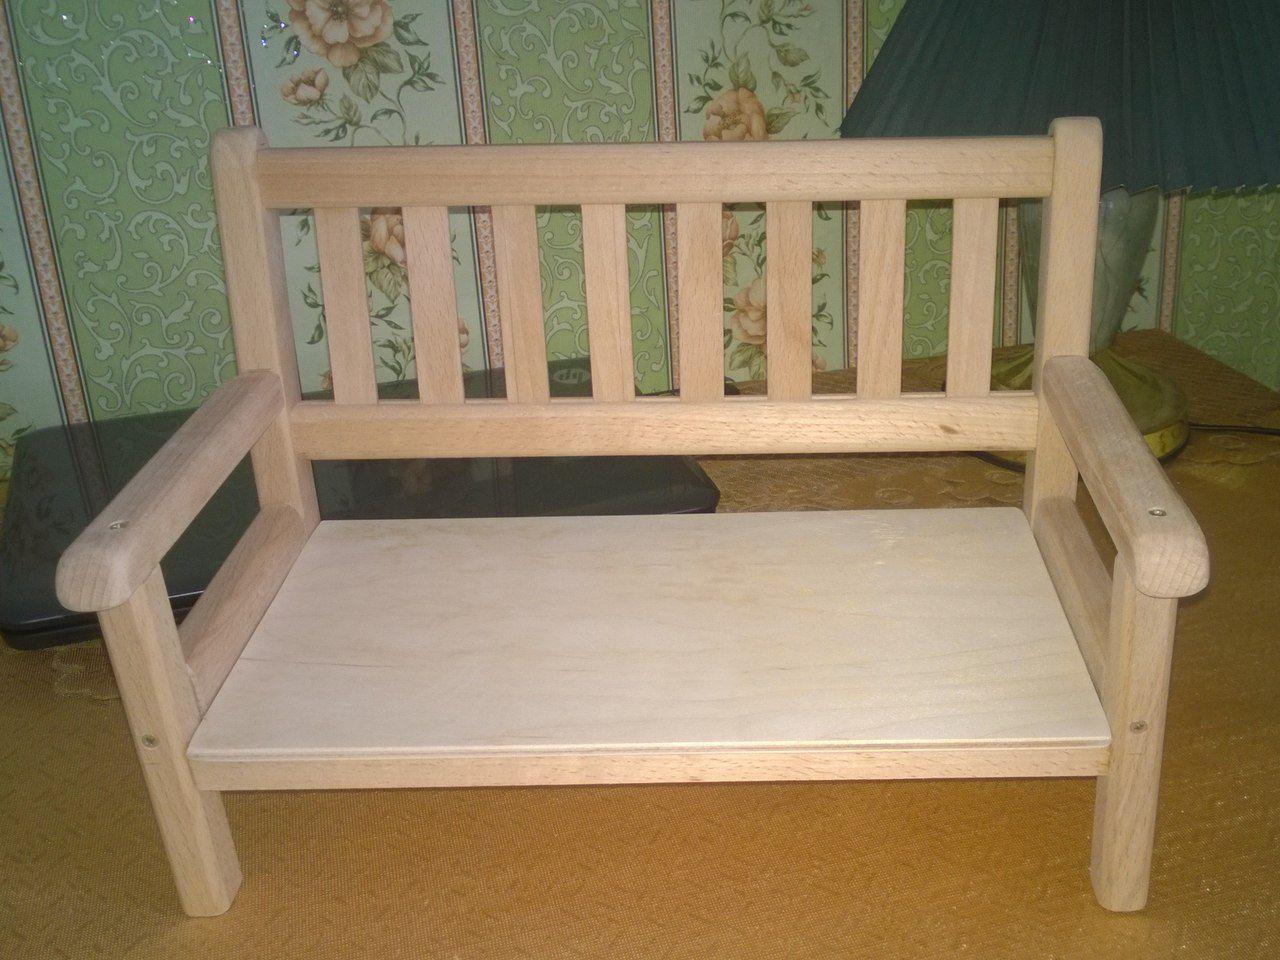 скамейка игрушки бук для деревянные дерево кукол